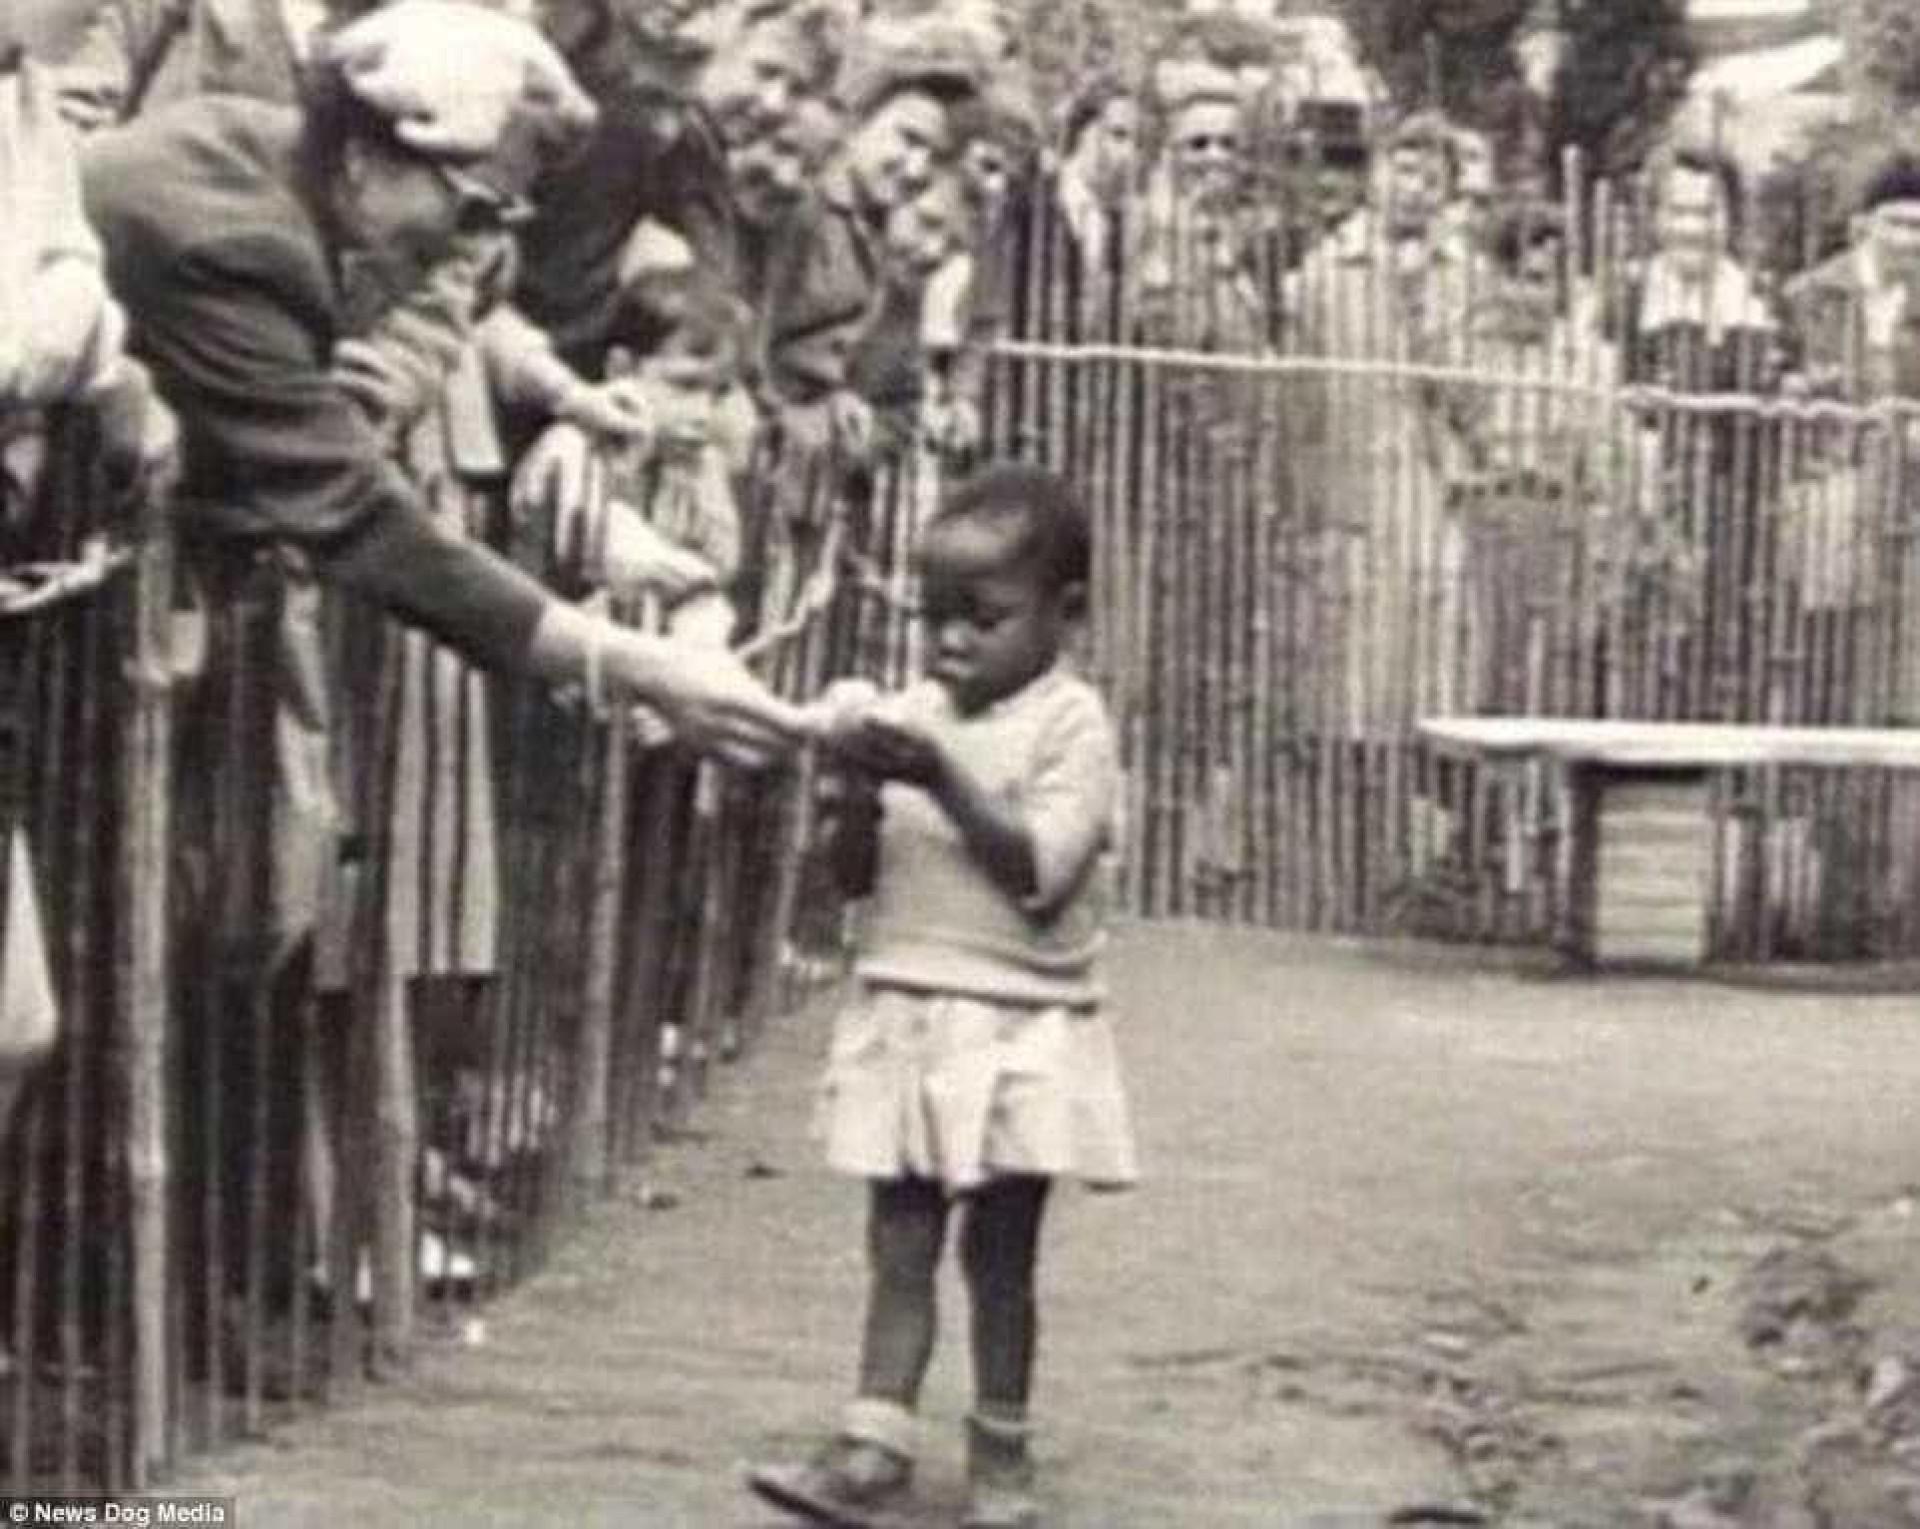 Fotografias chocantes dos 'zoológicos humanos' do início do século XX